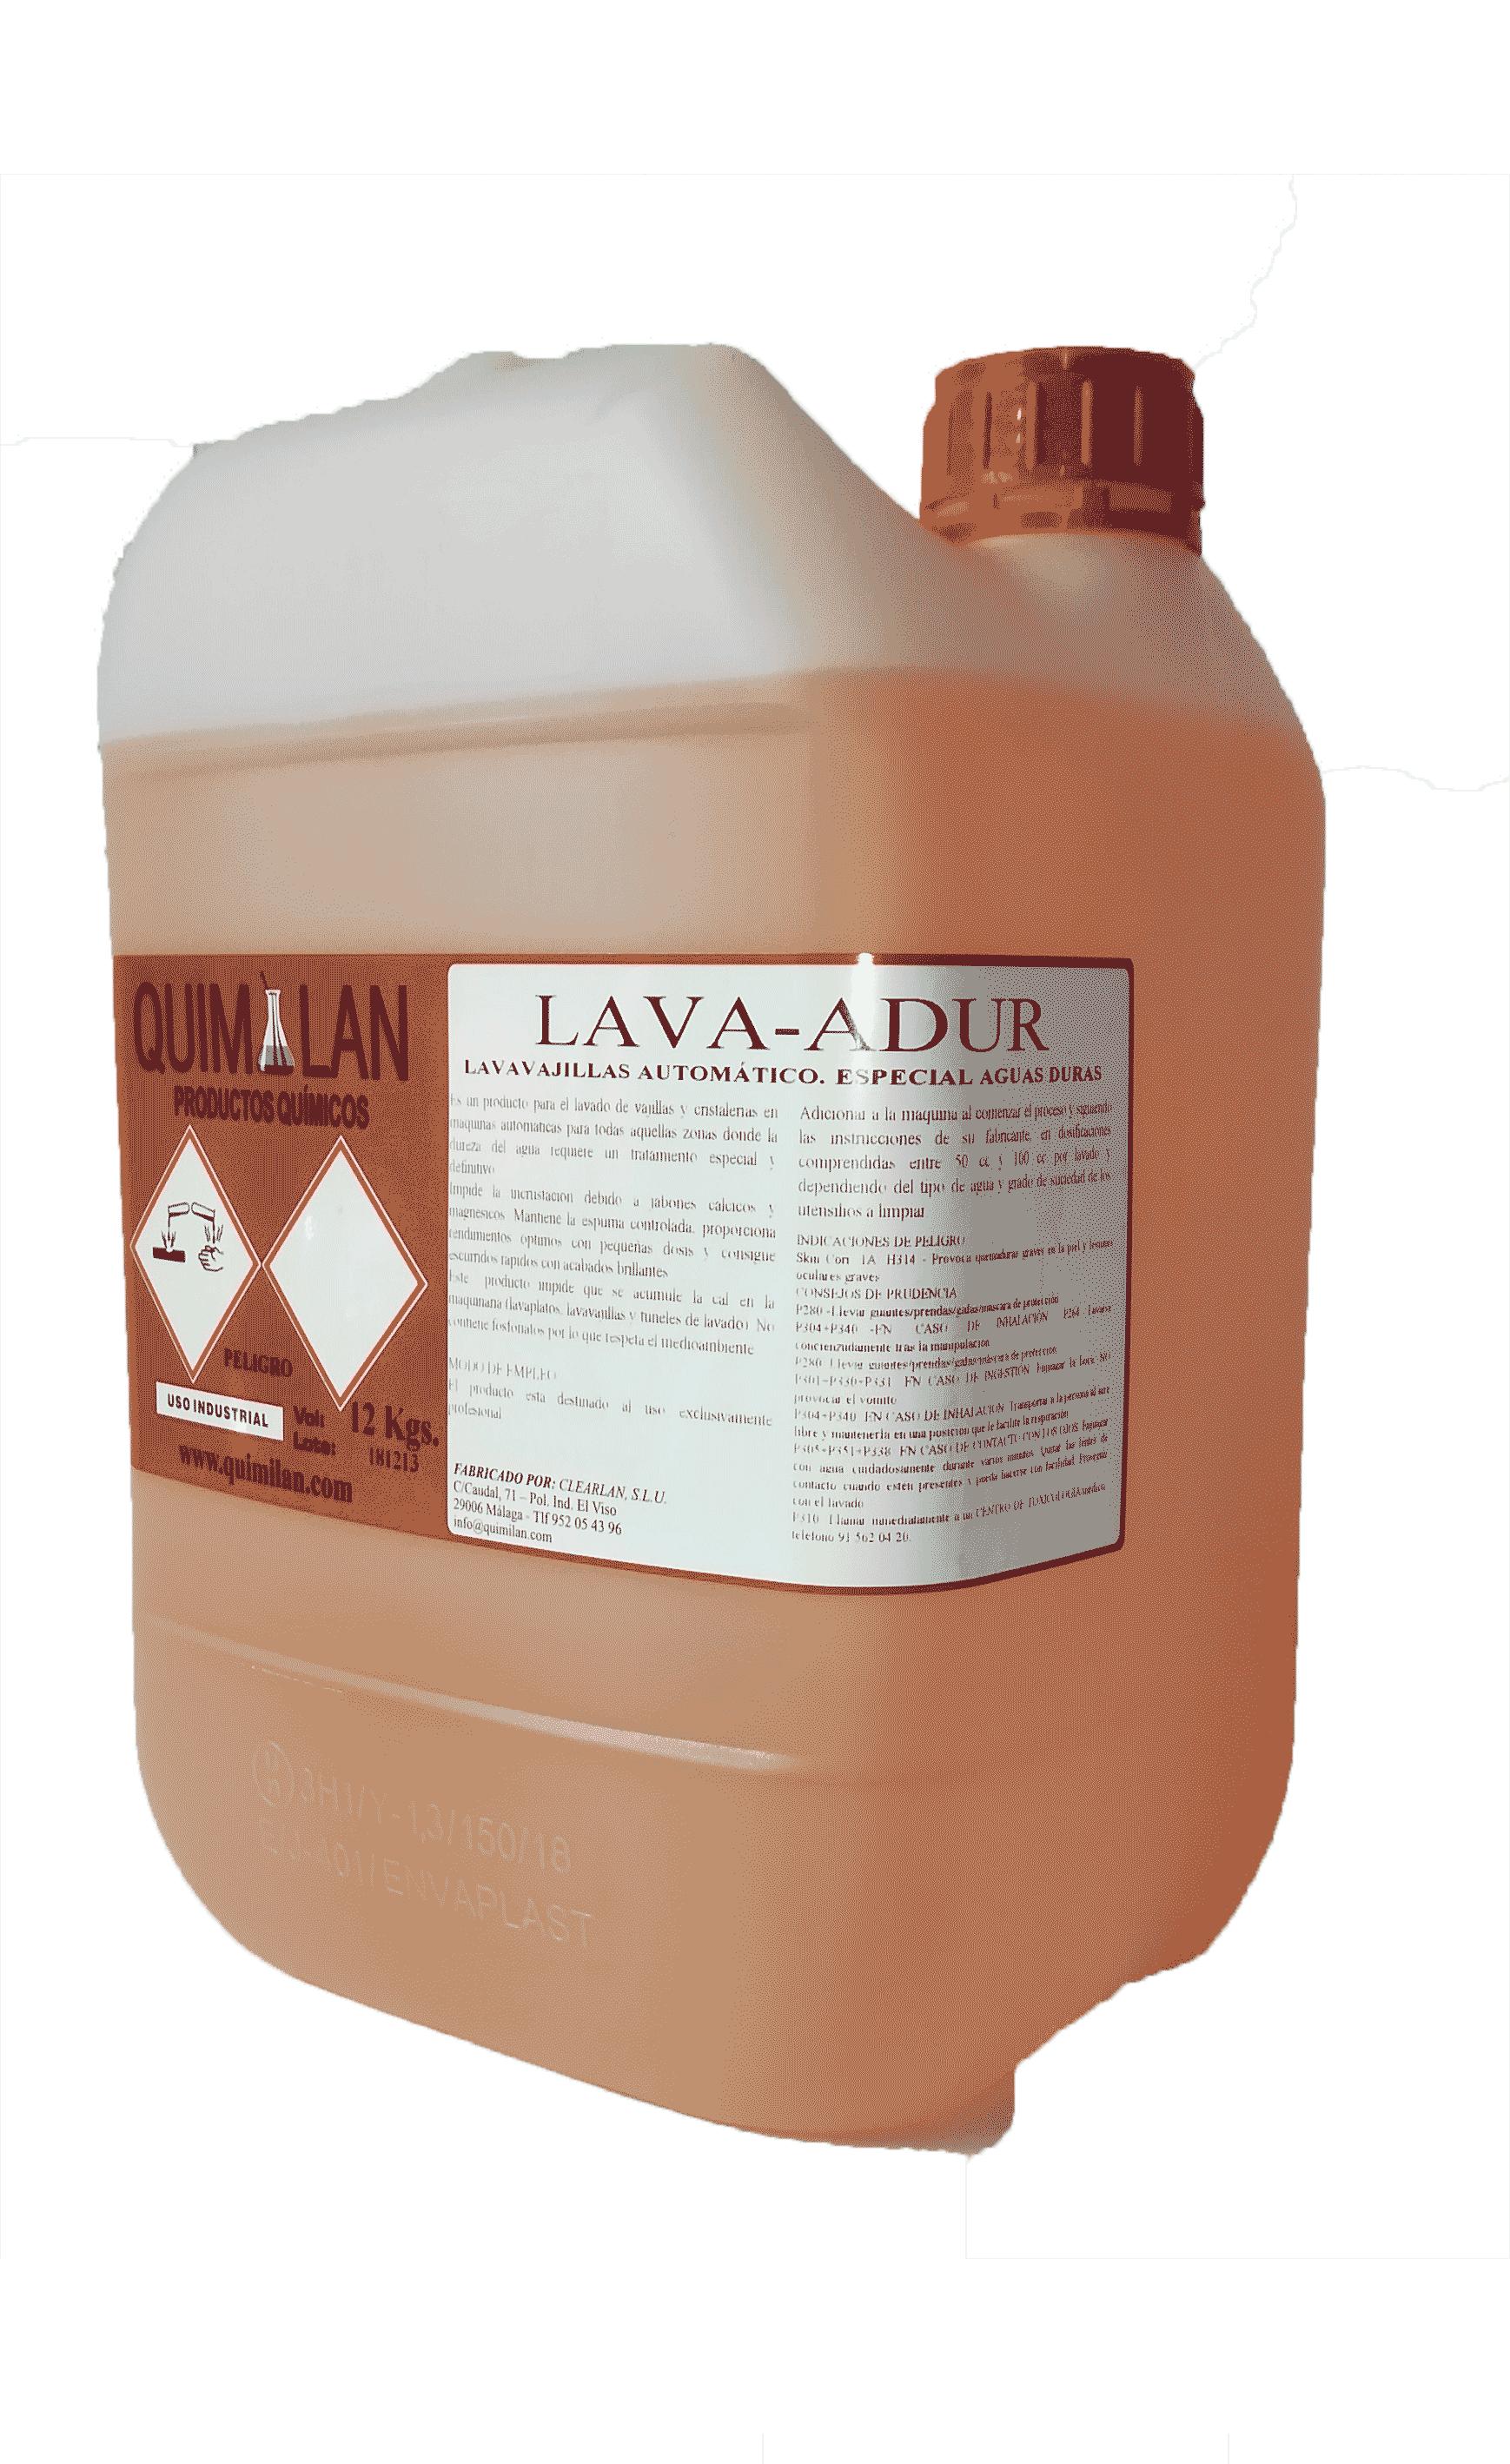 Productos Quimicos Industriales en Malaga Lava Adur Quimilan